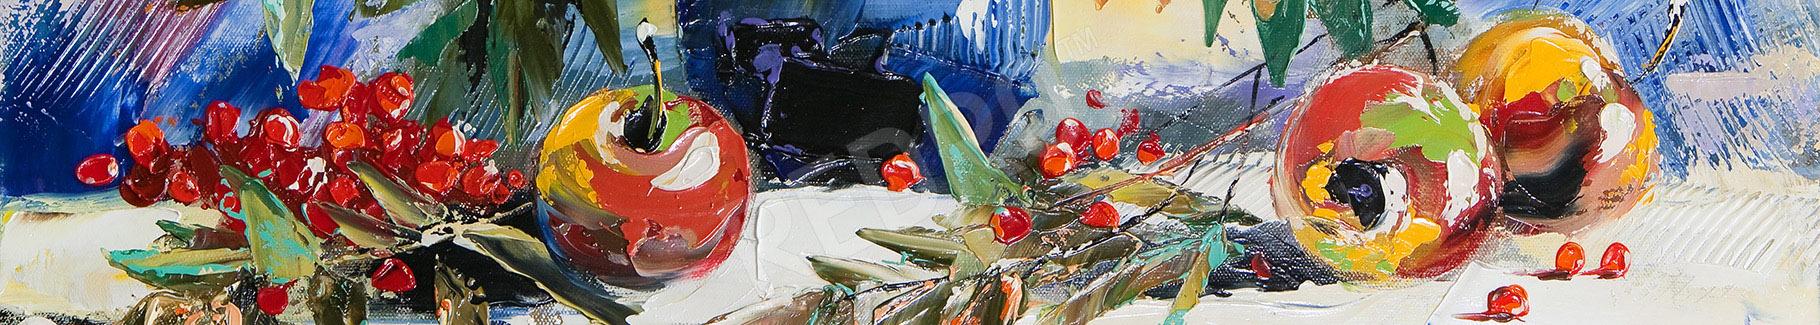 Obraz martwa natura z jarzębiną